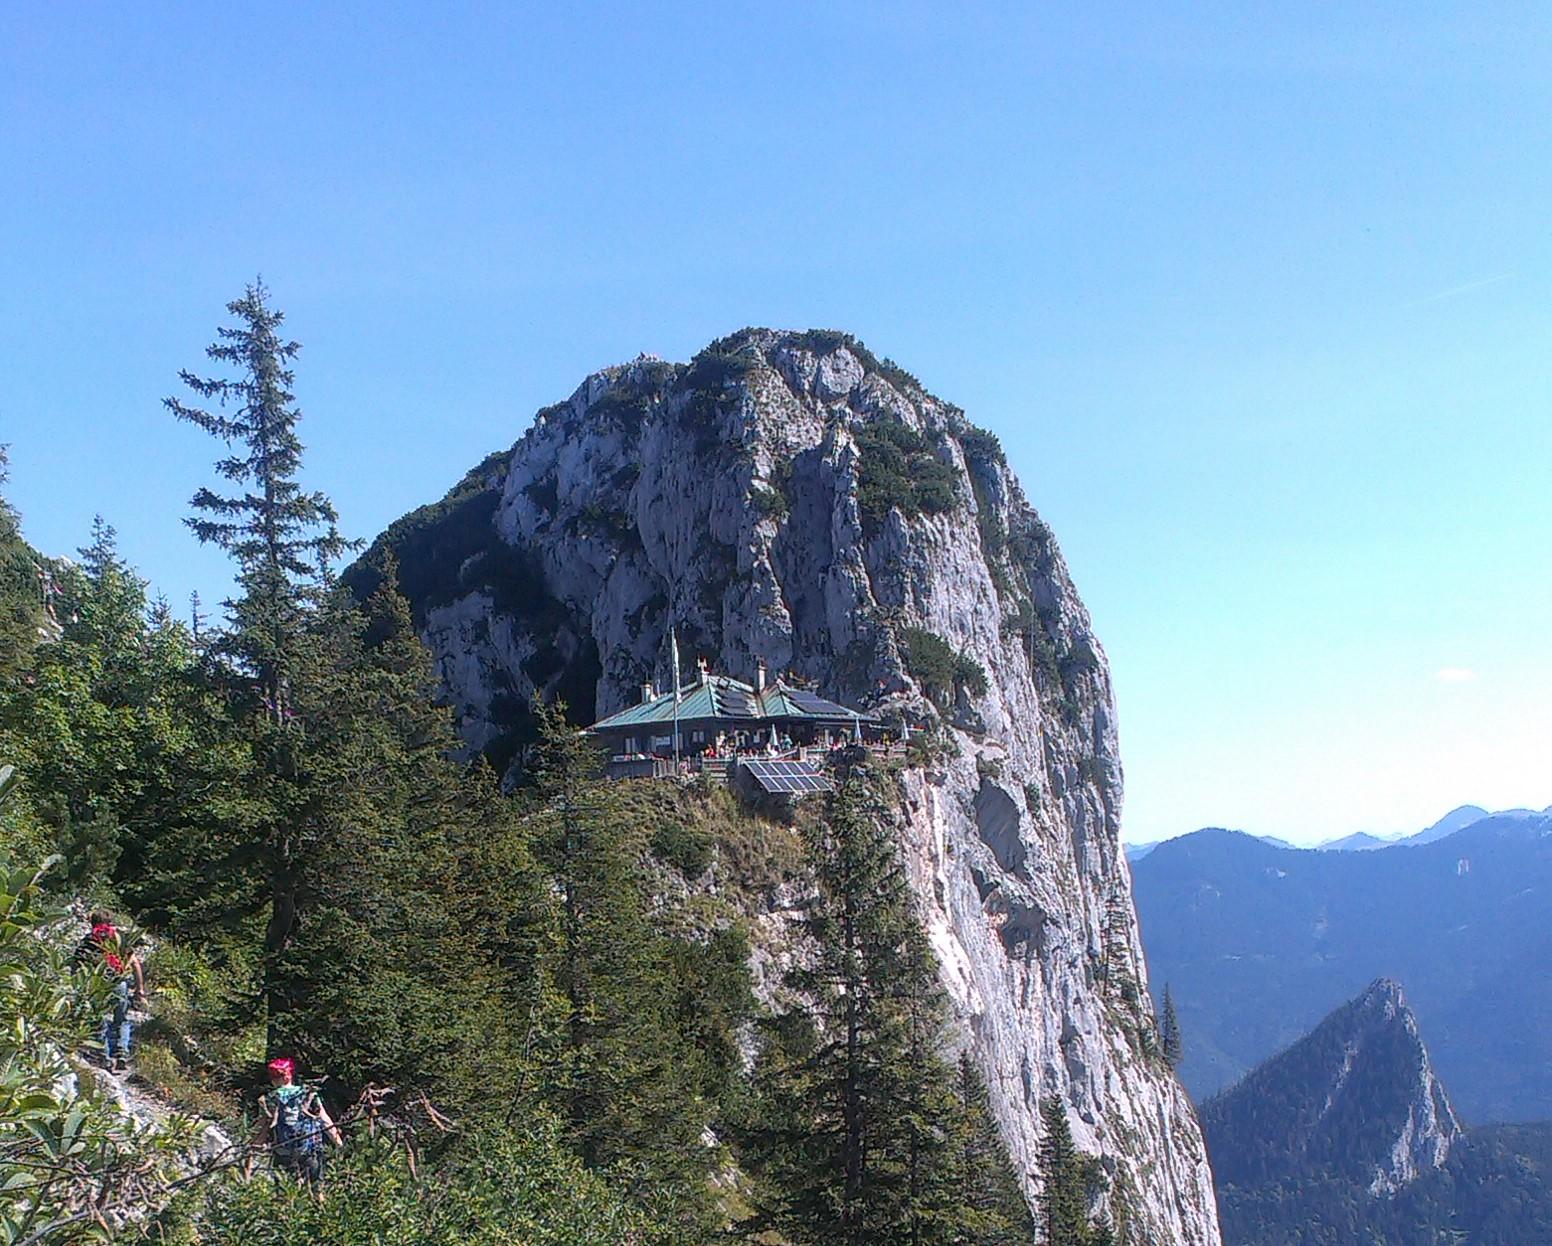 Klettersteig Tegernseer Hütte : Mein erster klettersteig der roßstein u solounterwegs